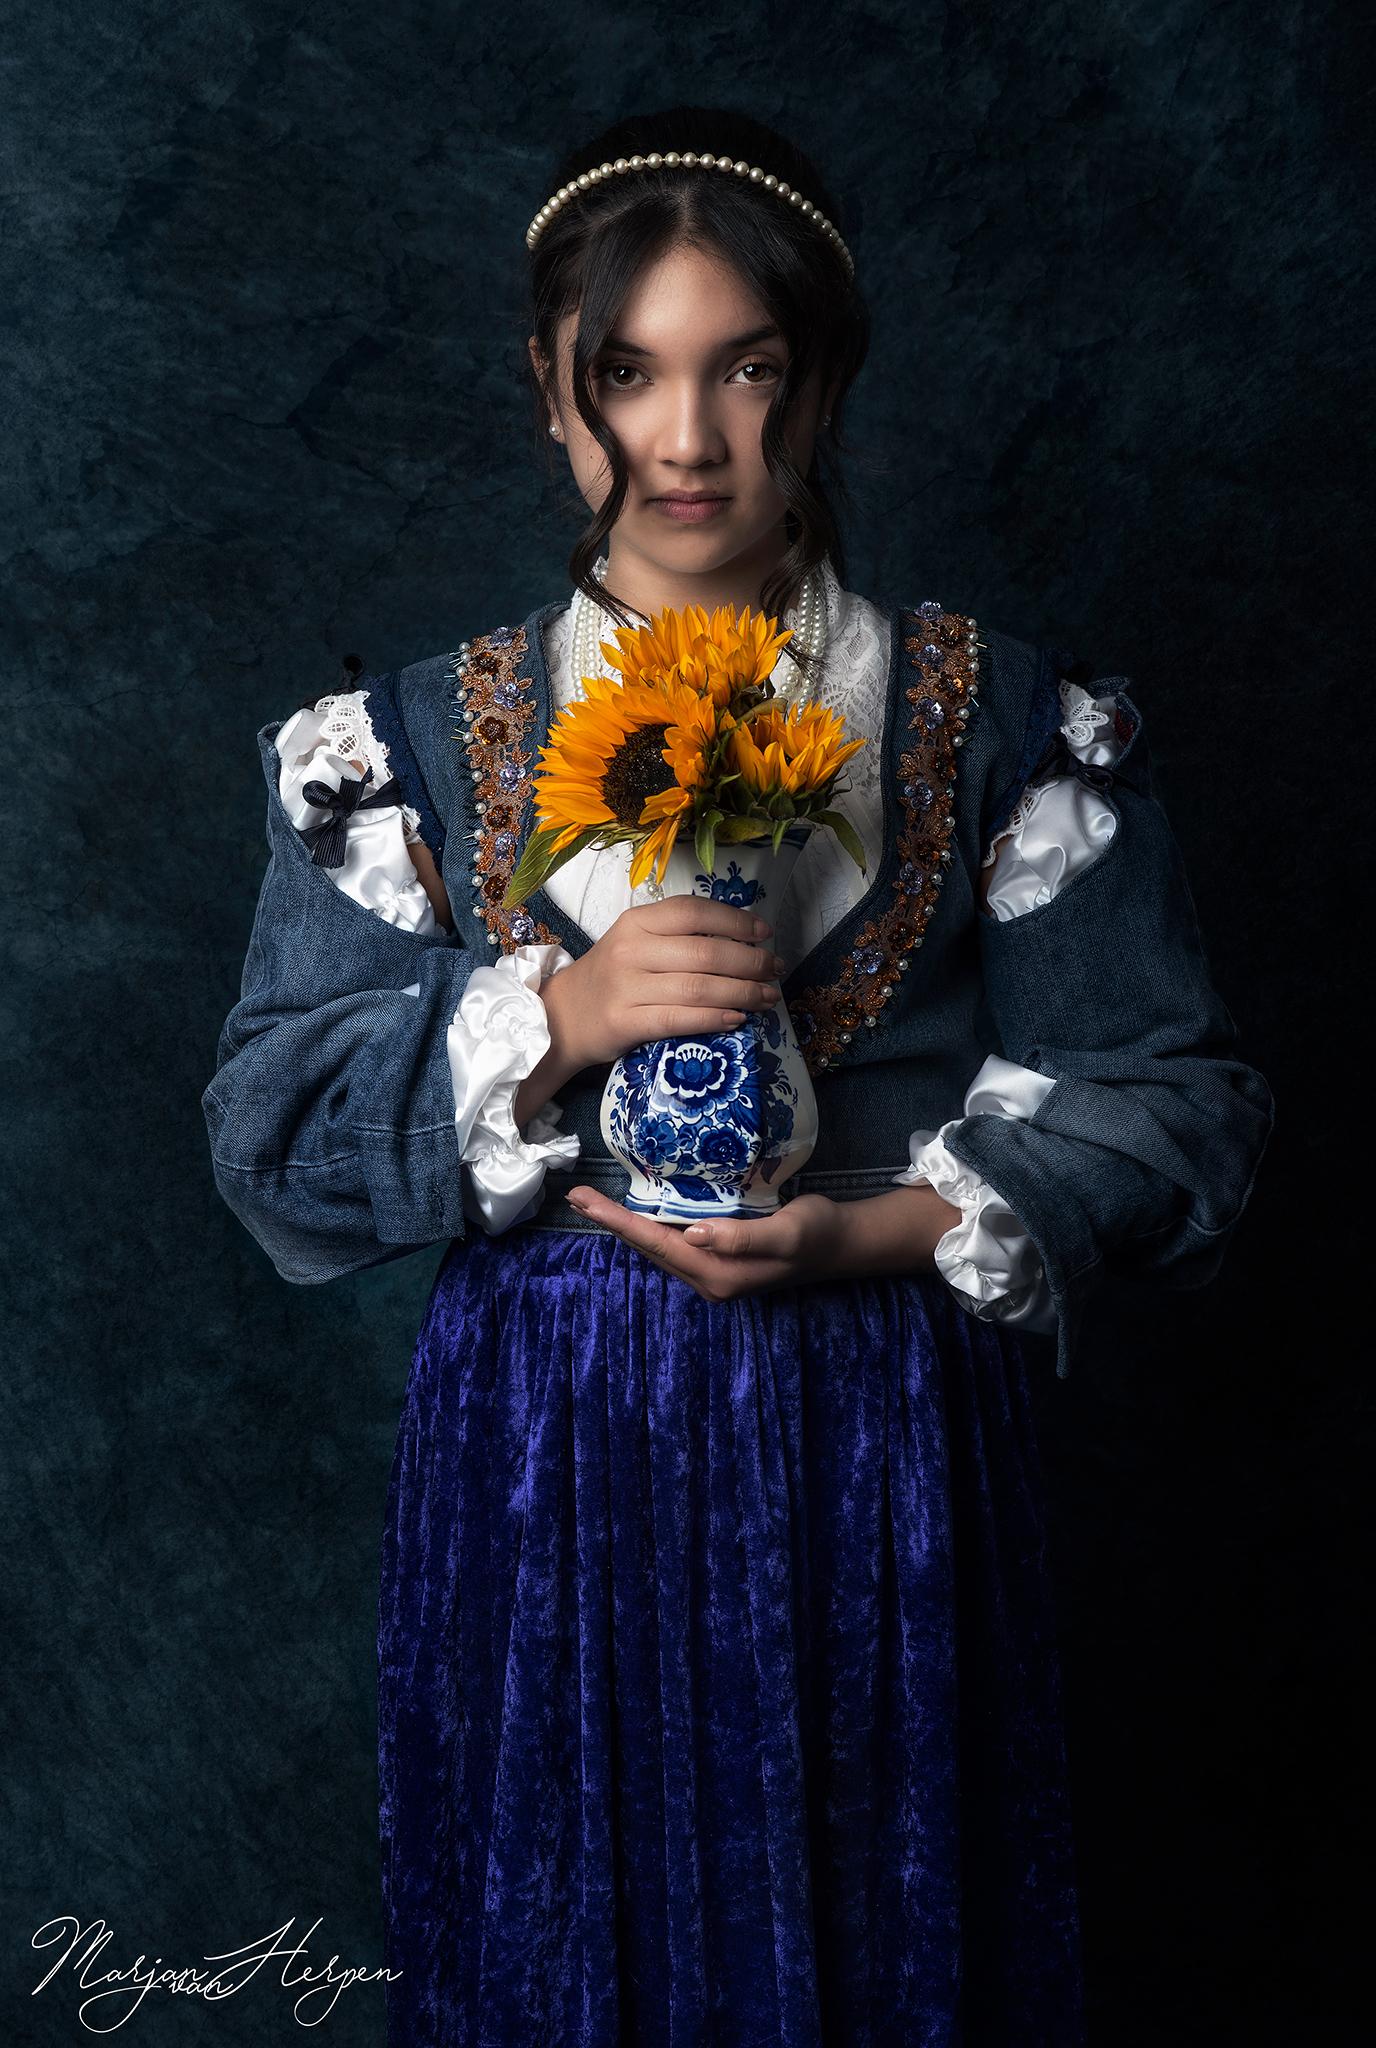 Fineart portret van meisje met delftsblauwe vaas met zonnebloem